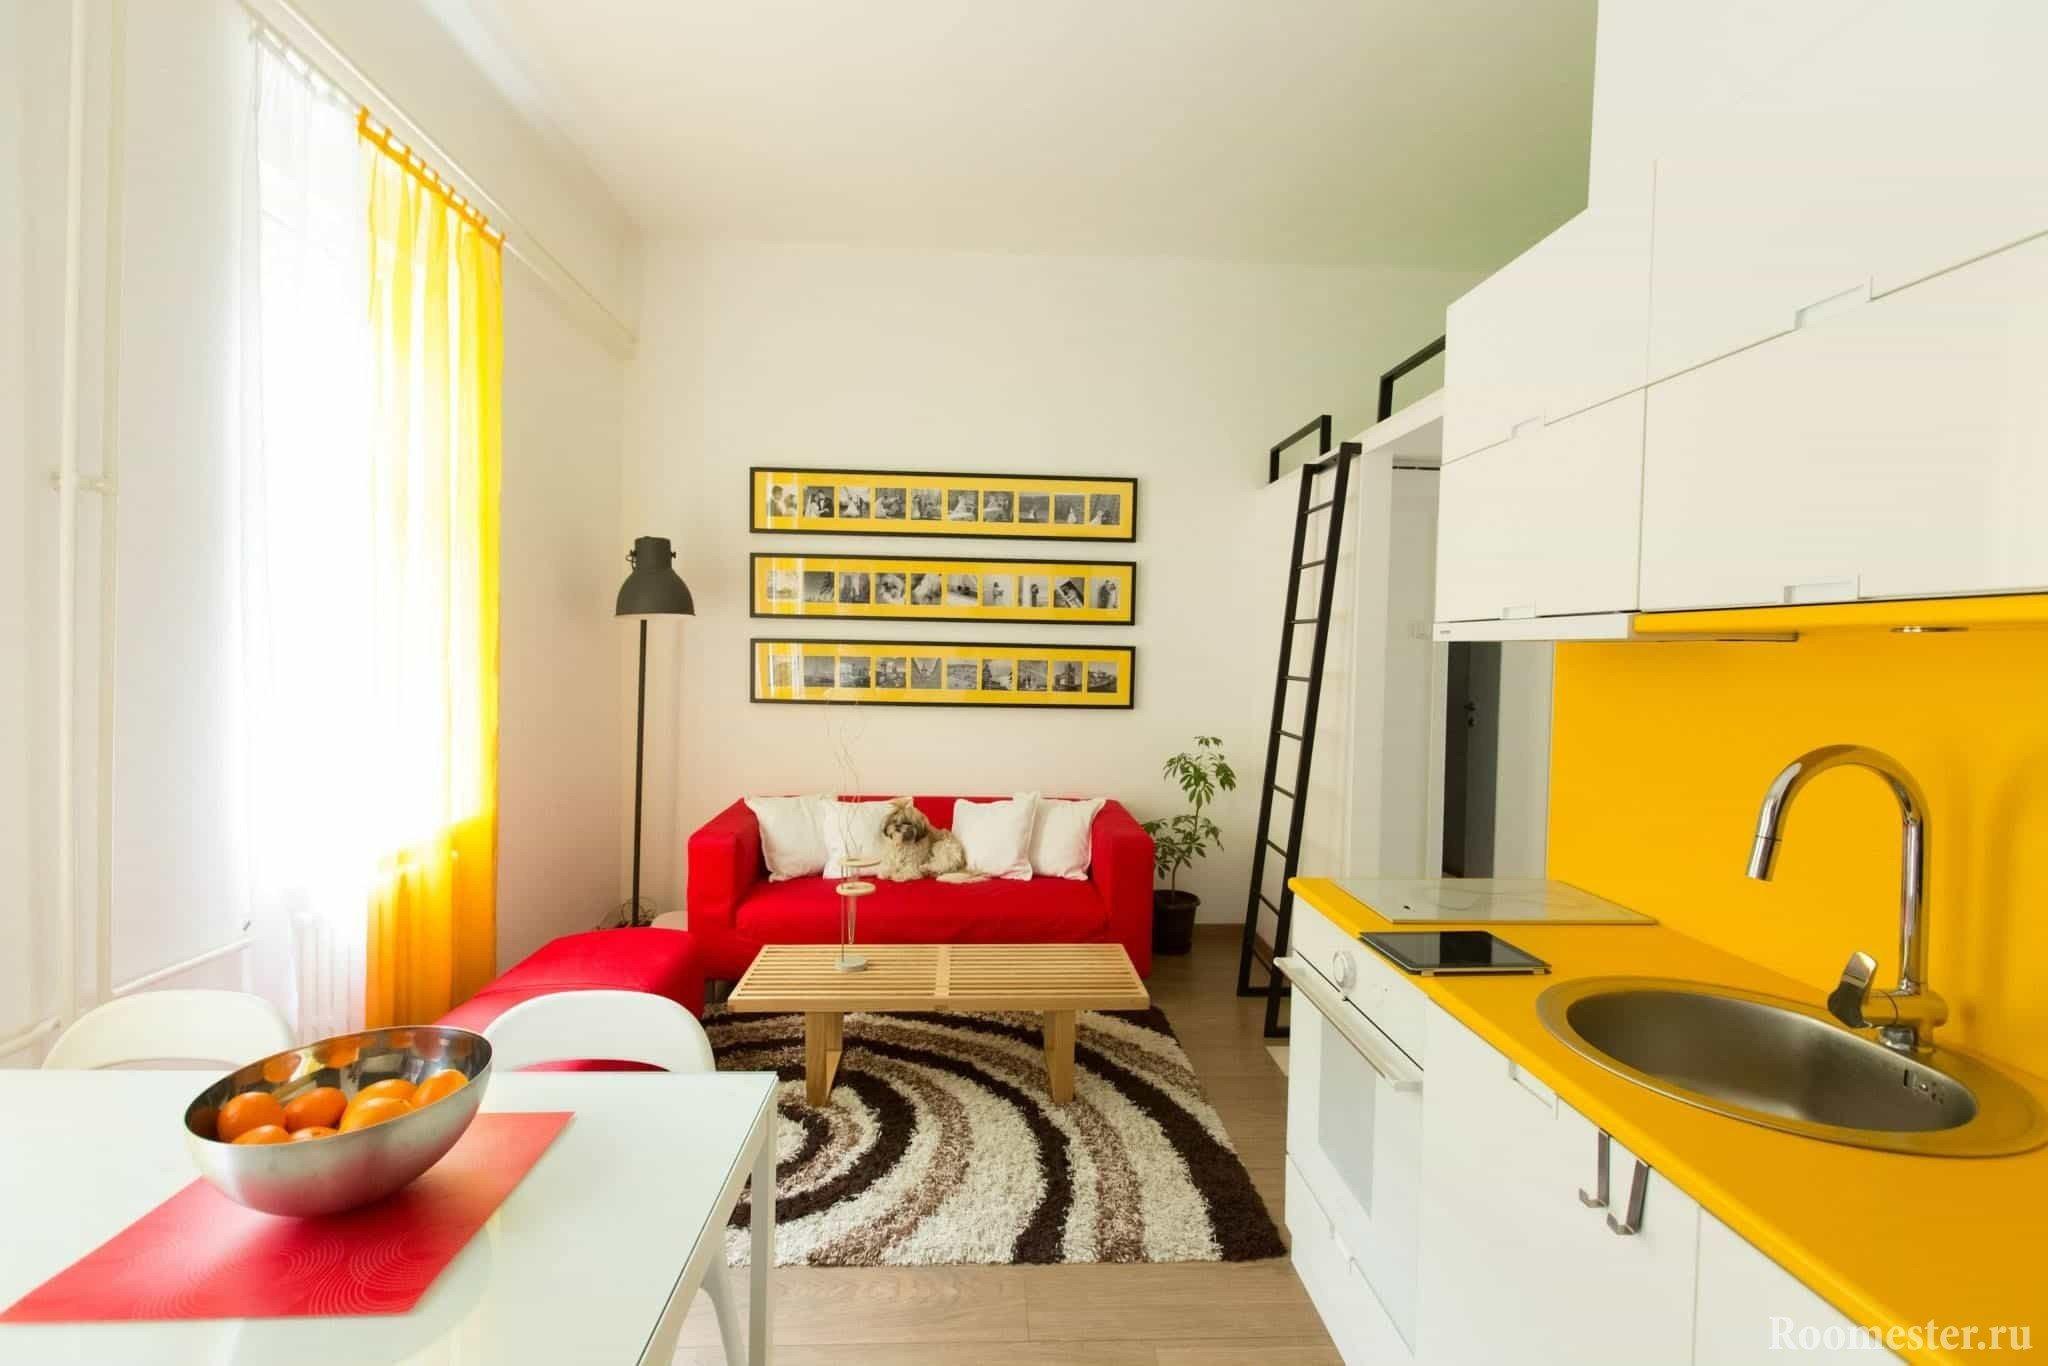 Гостиная и кухня в одной комнате, кровать-чердак